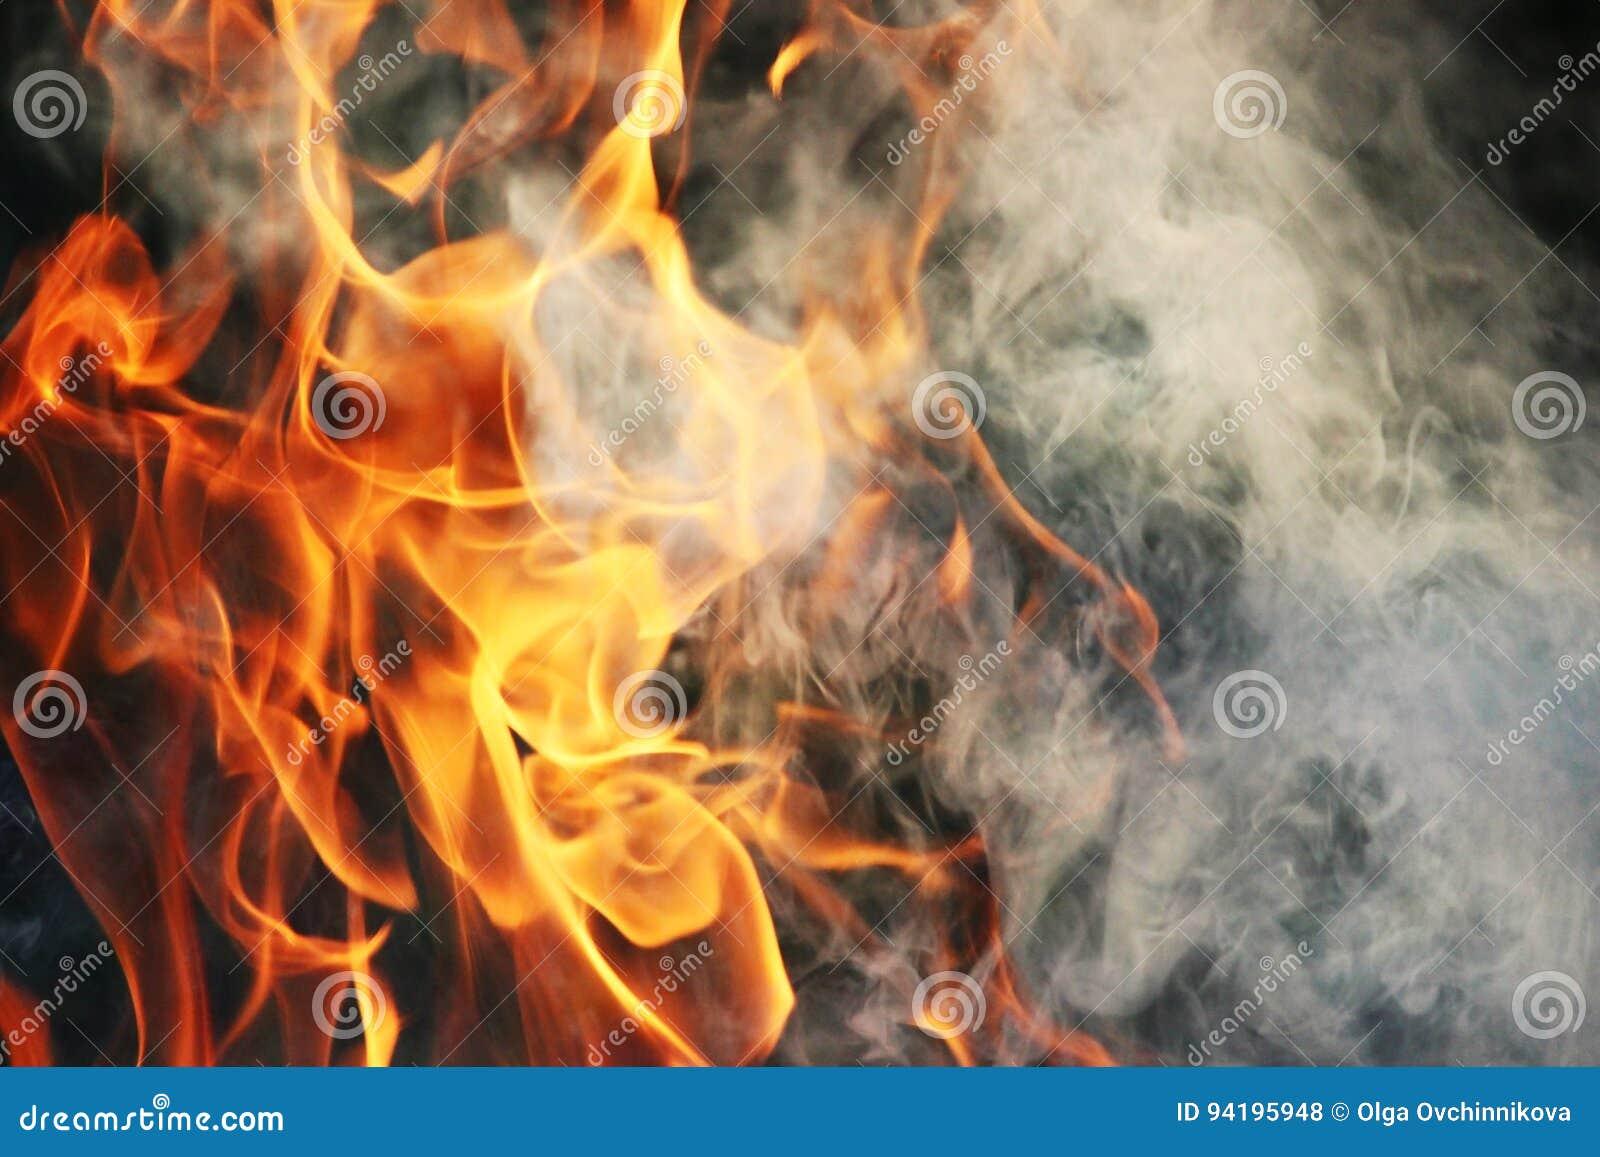 Ένας τελετουργικός χορός της πυρκαγιάς και του καπνού σε ένα κλίμα της πράσινης χλόης στοιχεία τρία